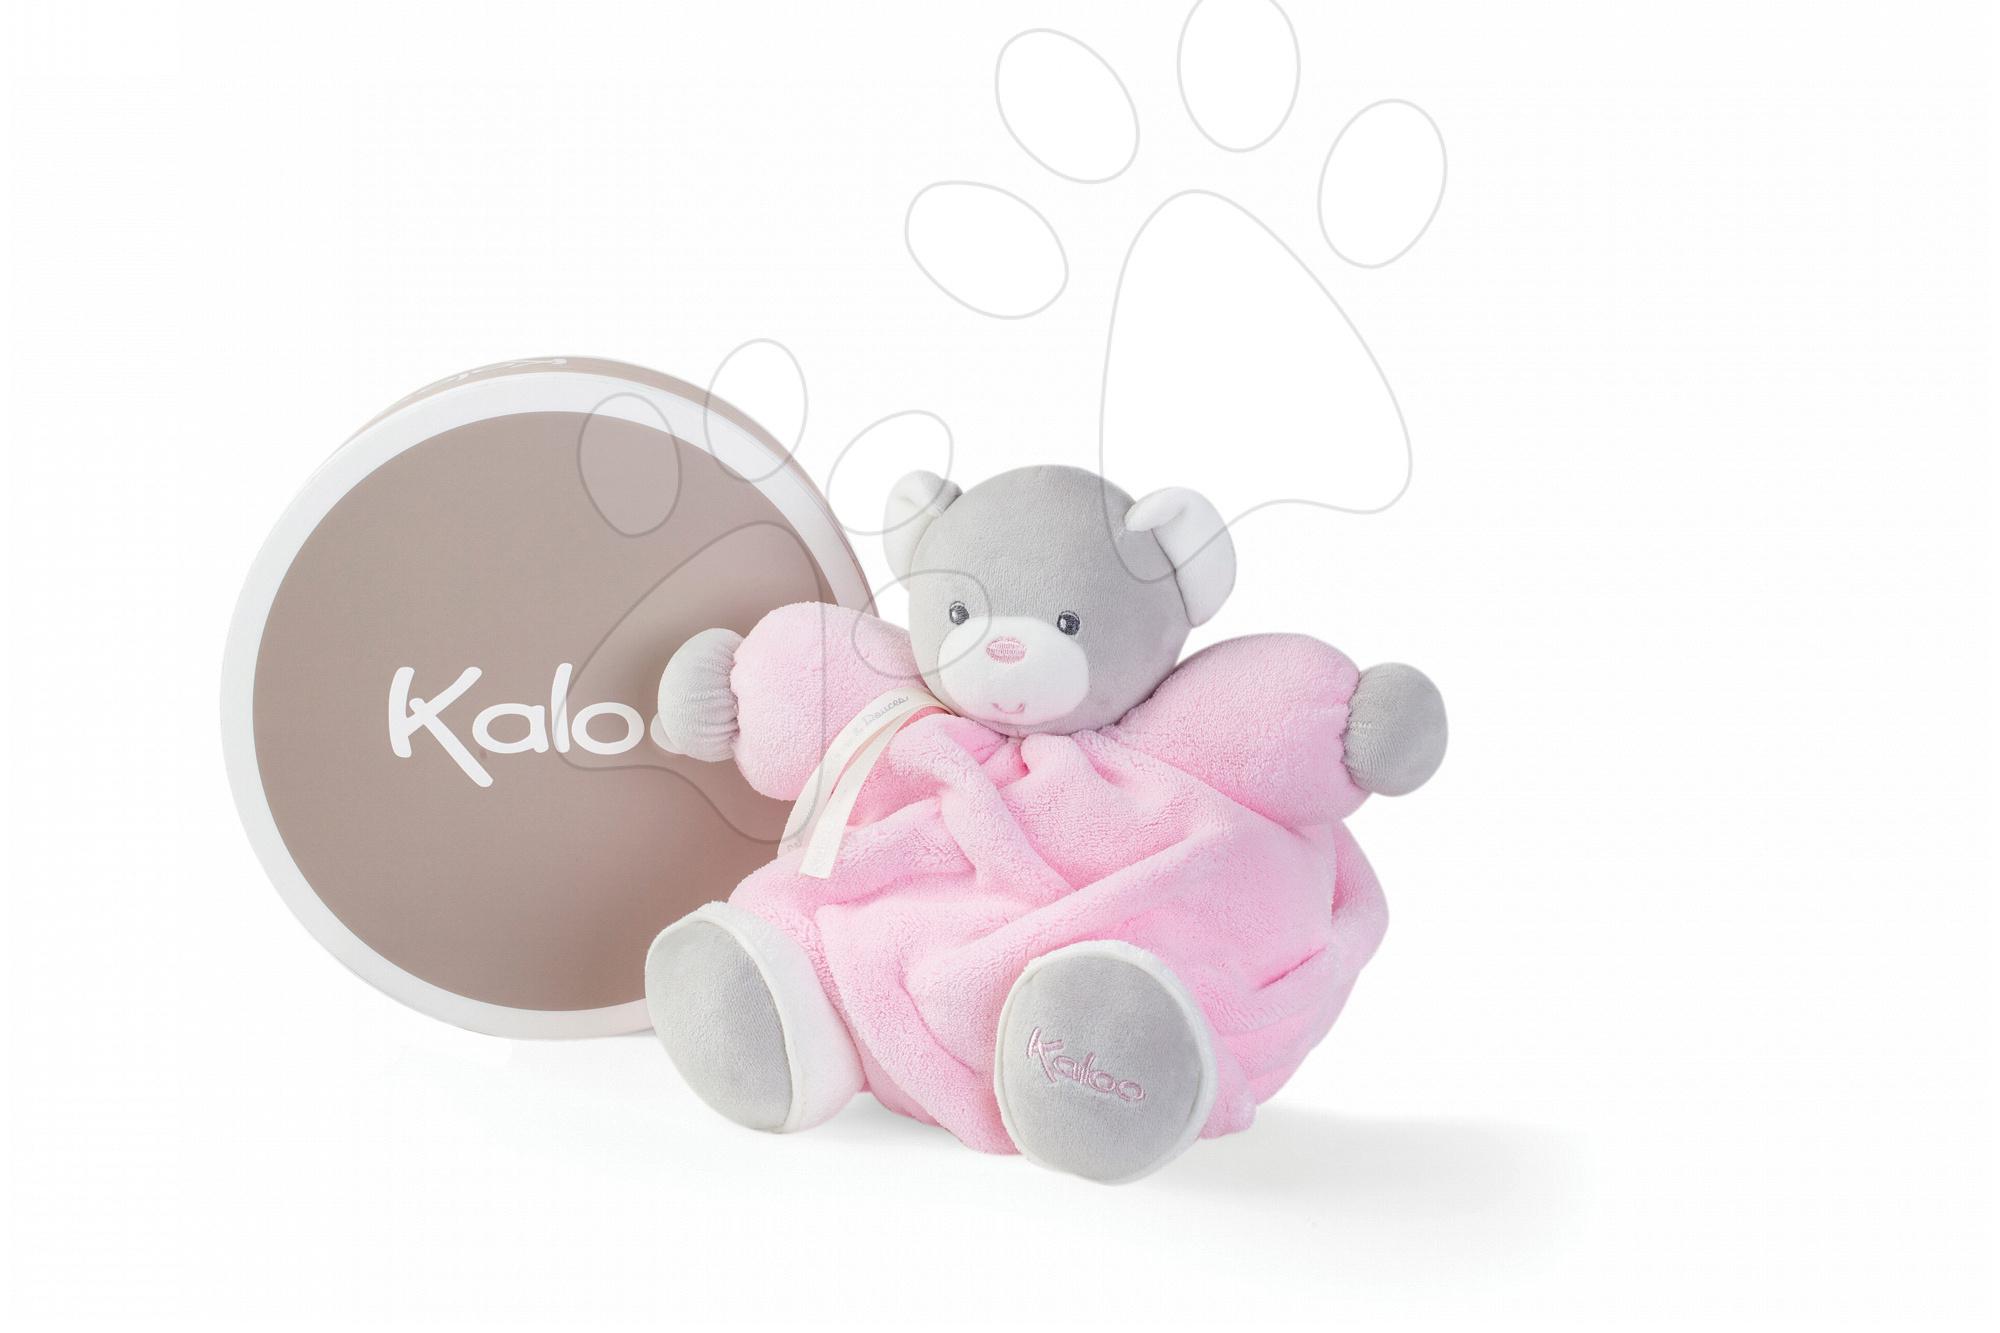 Plyšový medvedík Plume Chubby Kaloo 25 cm v darčekovom balení pre najmenšie deti ružový